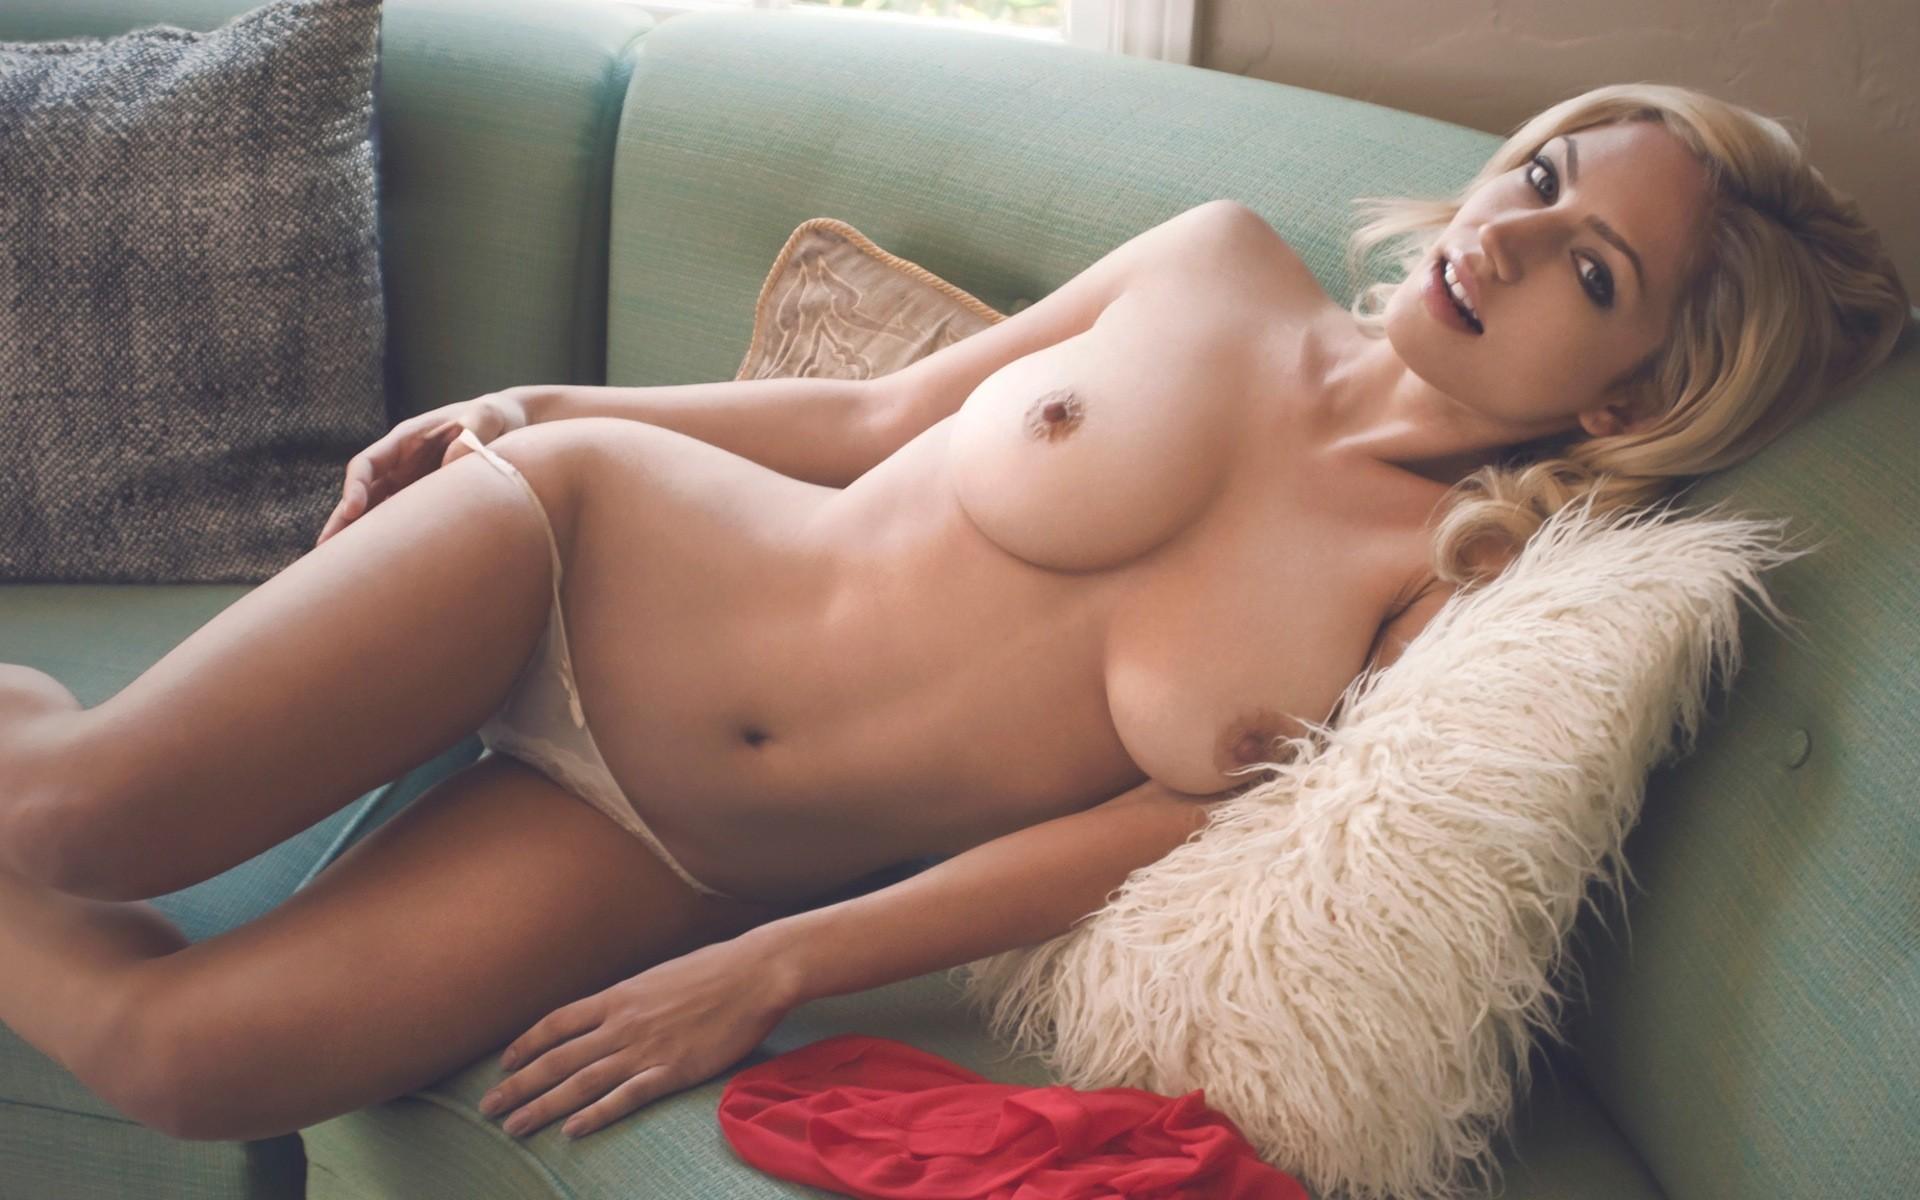 Сборники фото голых девушек